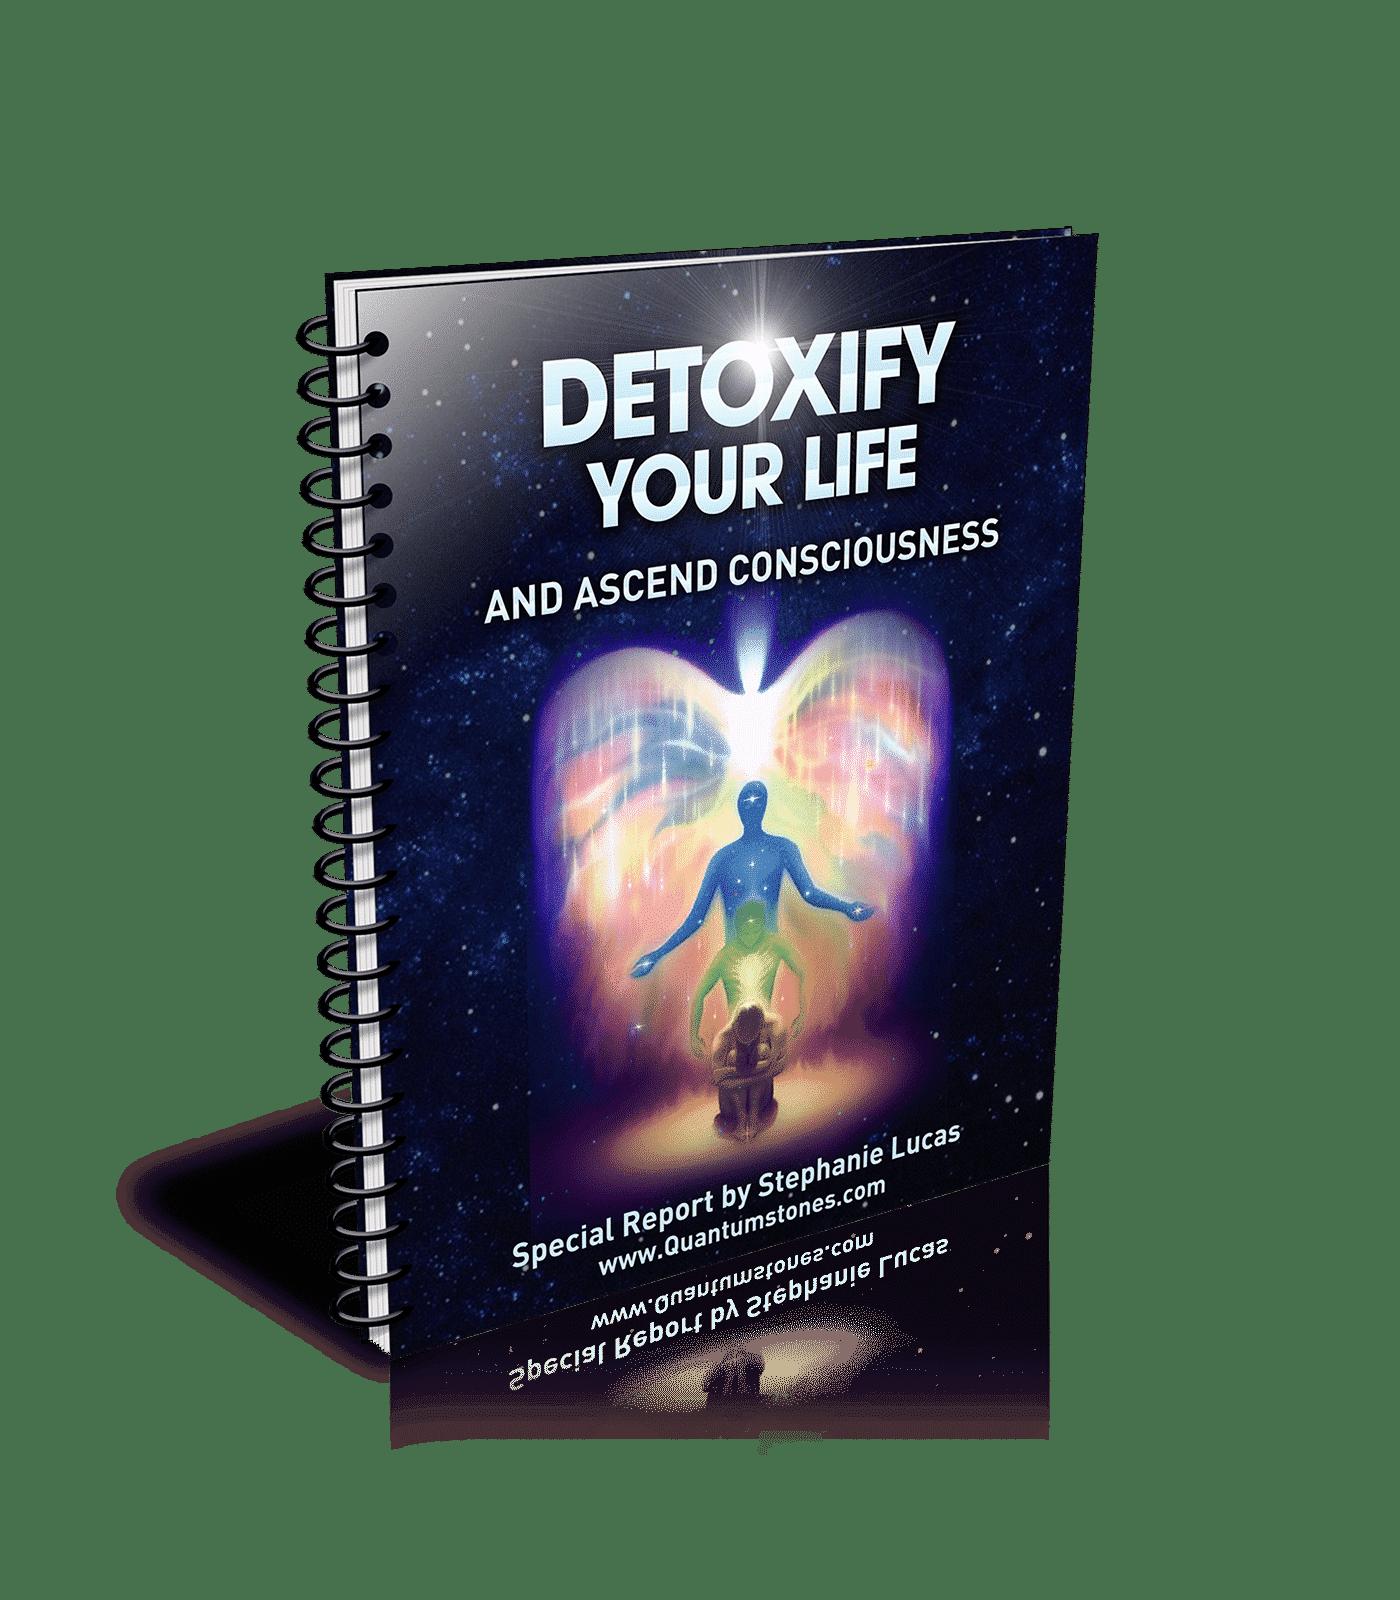 Detoxify Your Life